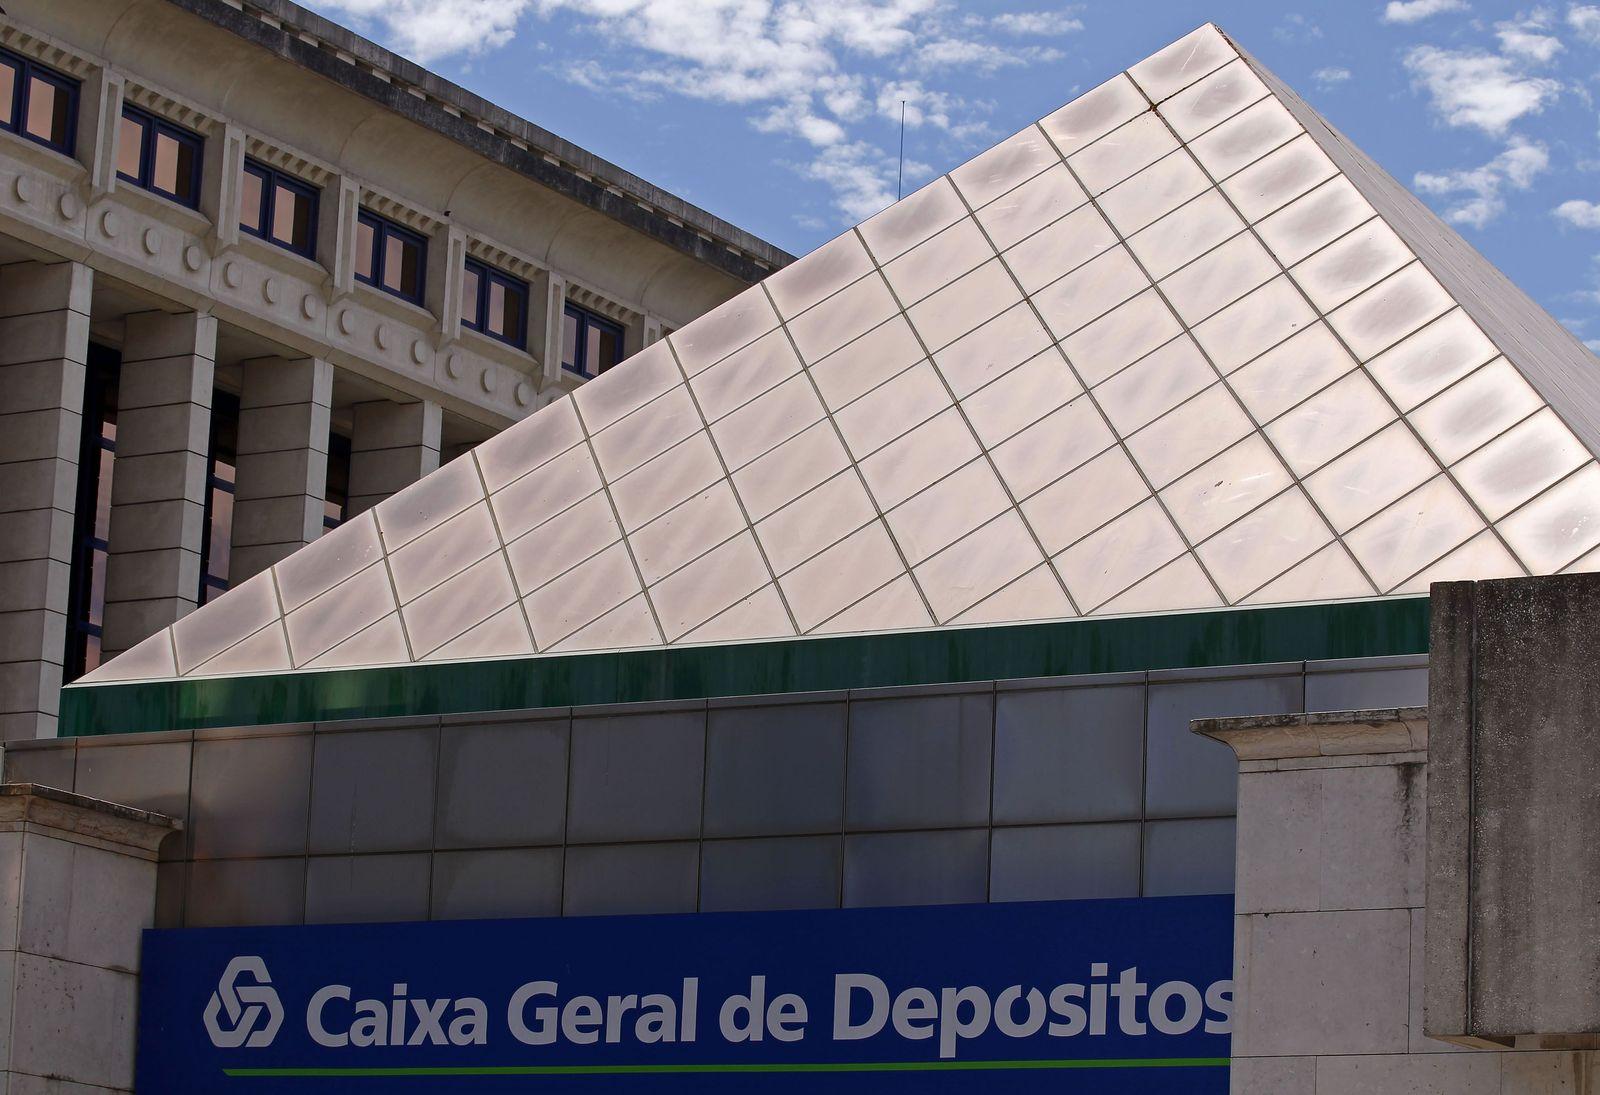 Portugal Caixa Geral de Depositos